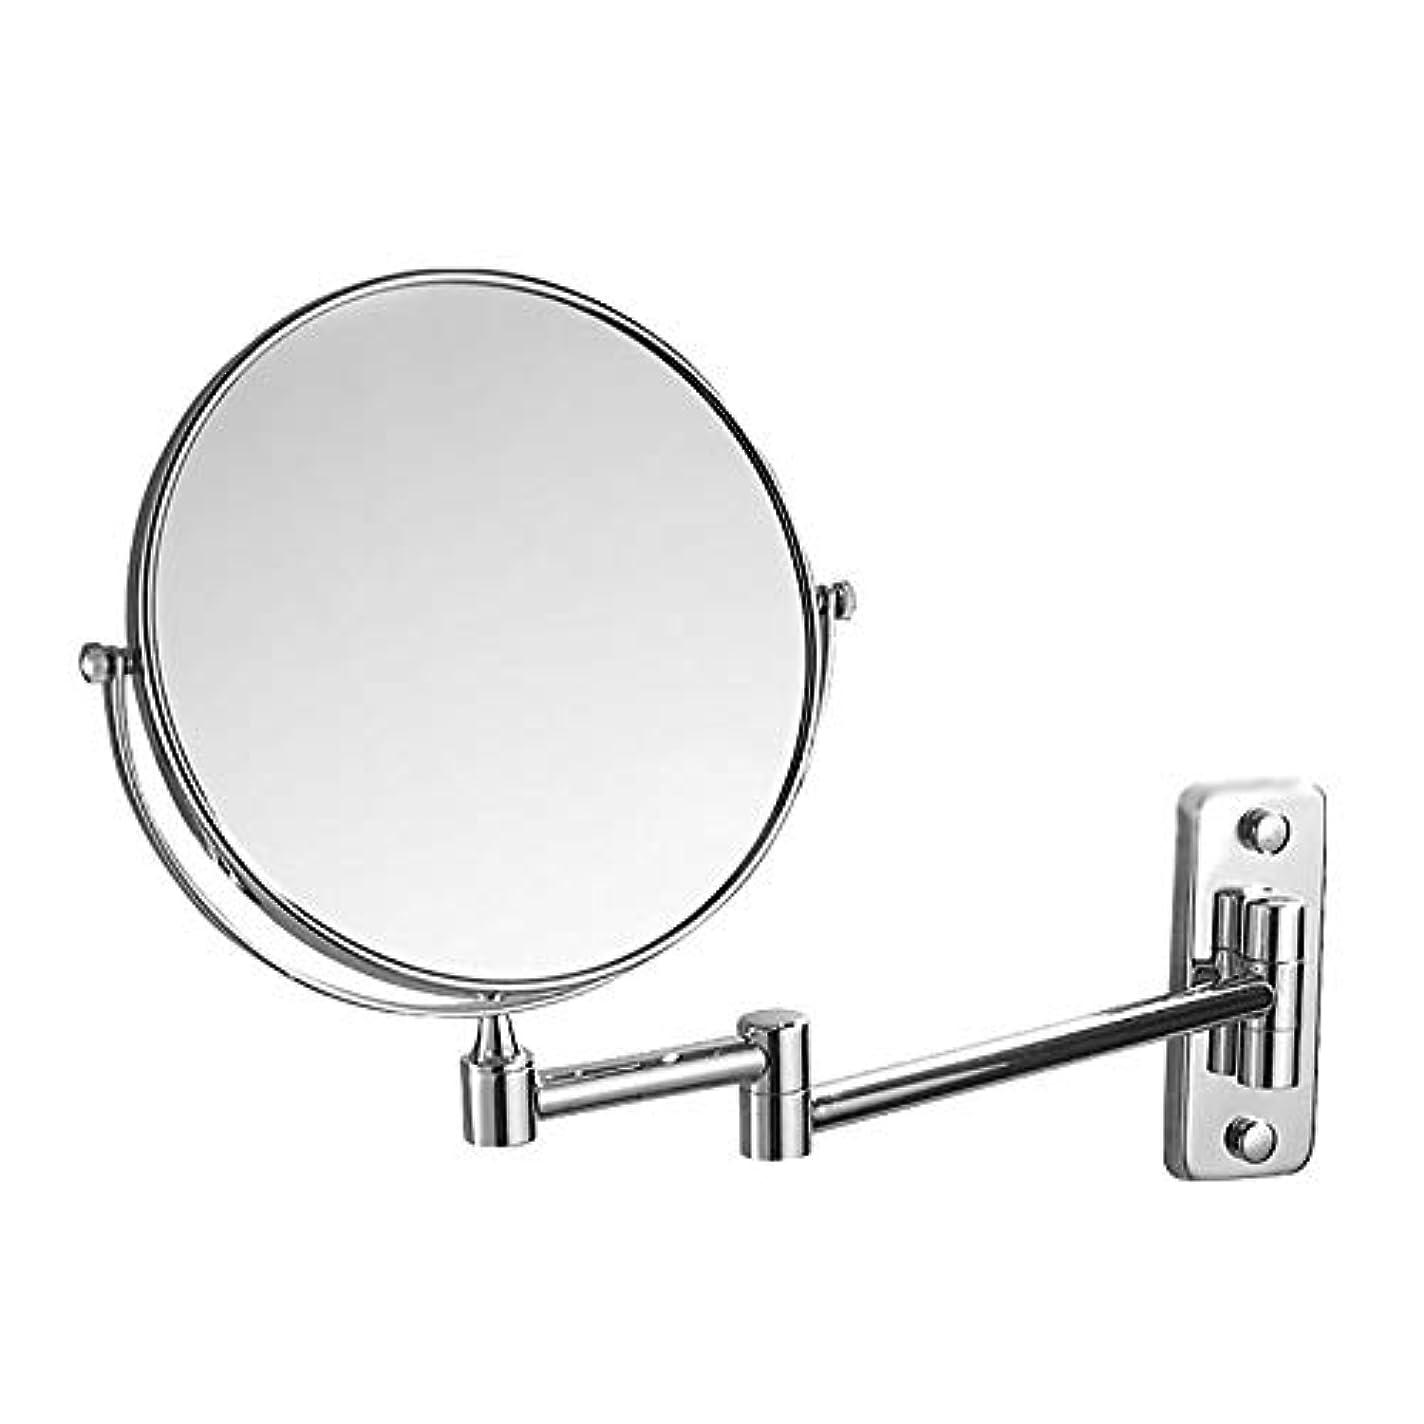 流出現代の息切れ化粧鏡拡大両面鏡壁掛け折りたたみ化粧鏡